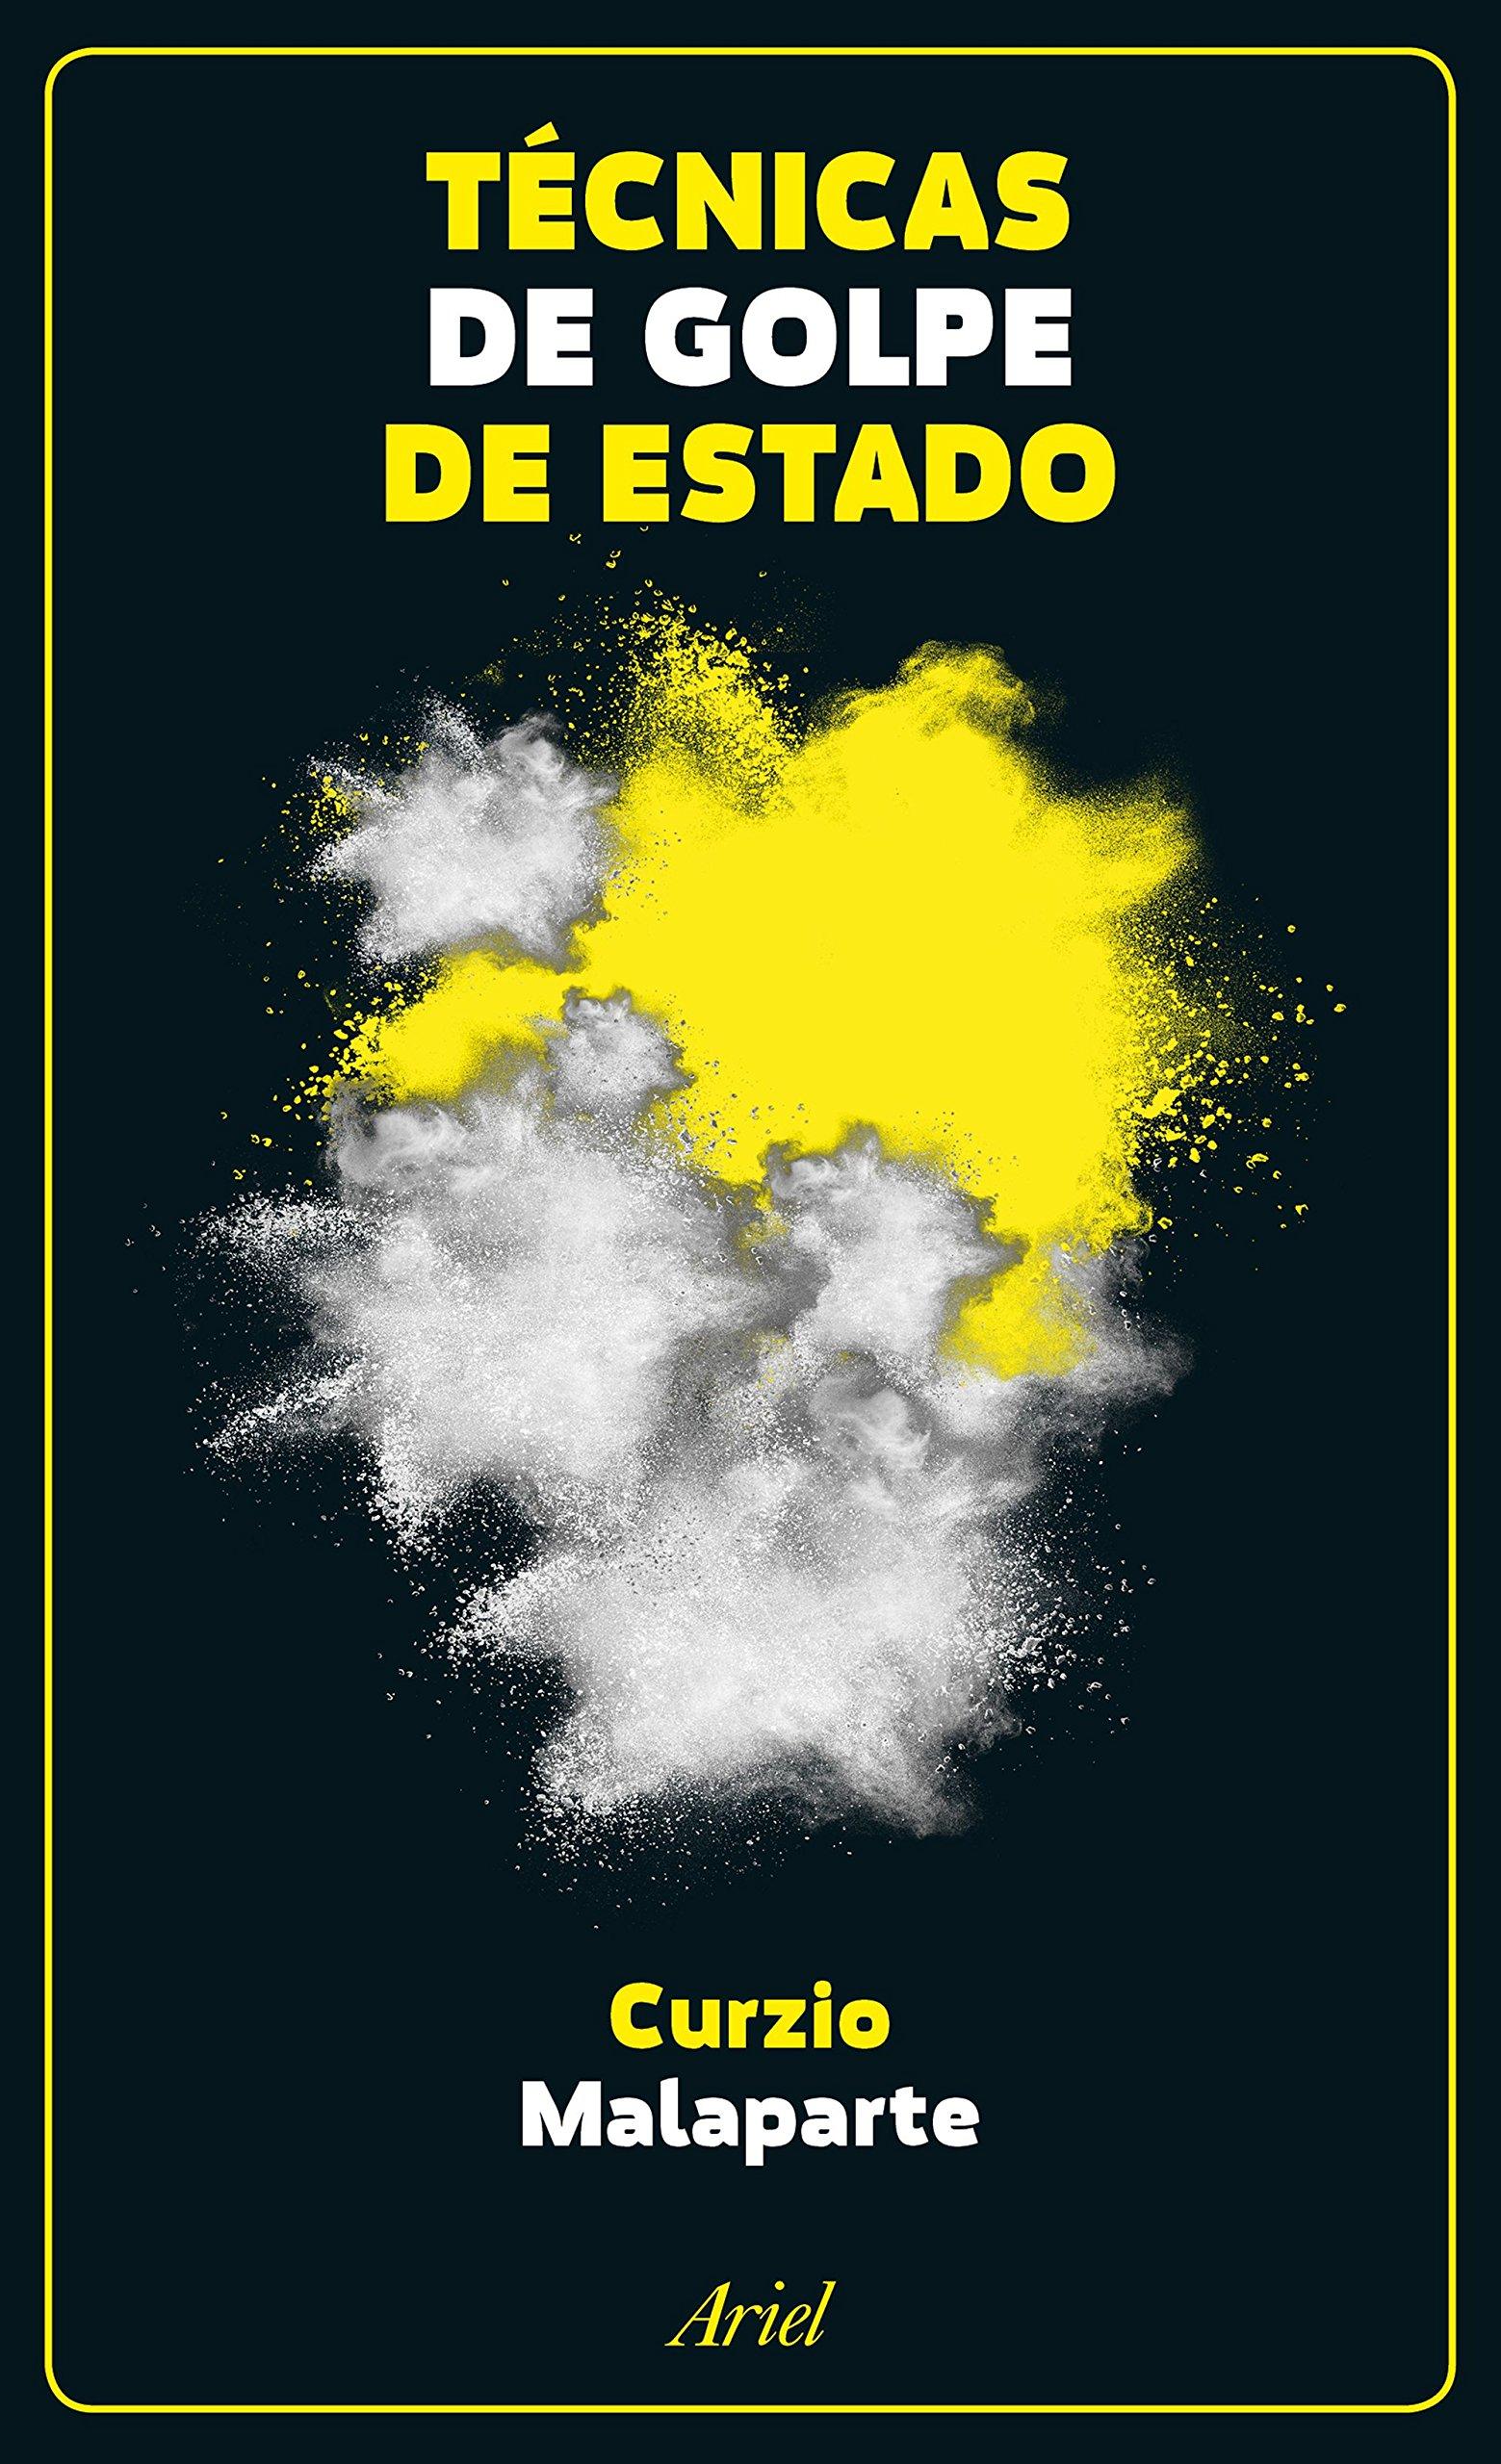 Técnicas de golpe de Estado (Ariel): Amazon.es: Malaparte, Curzio, Guevara, Vítora: Libros